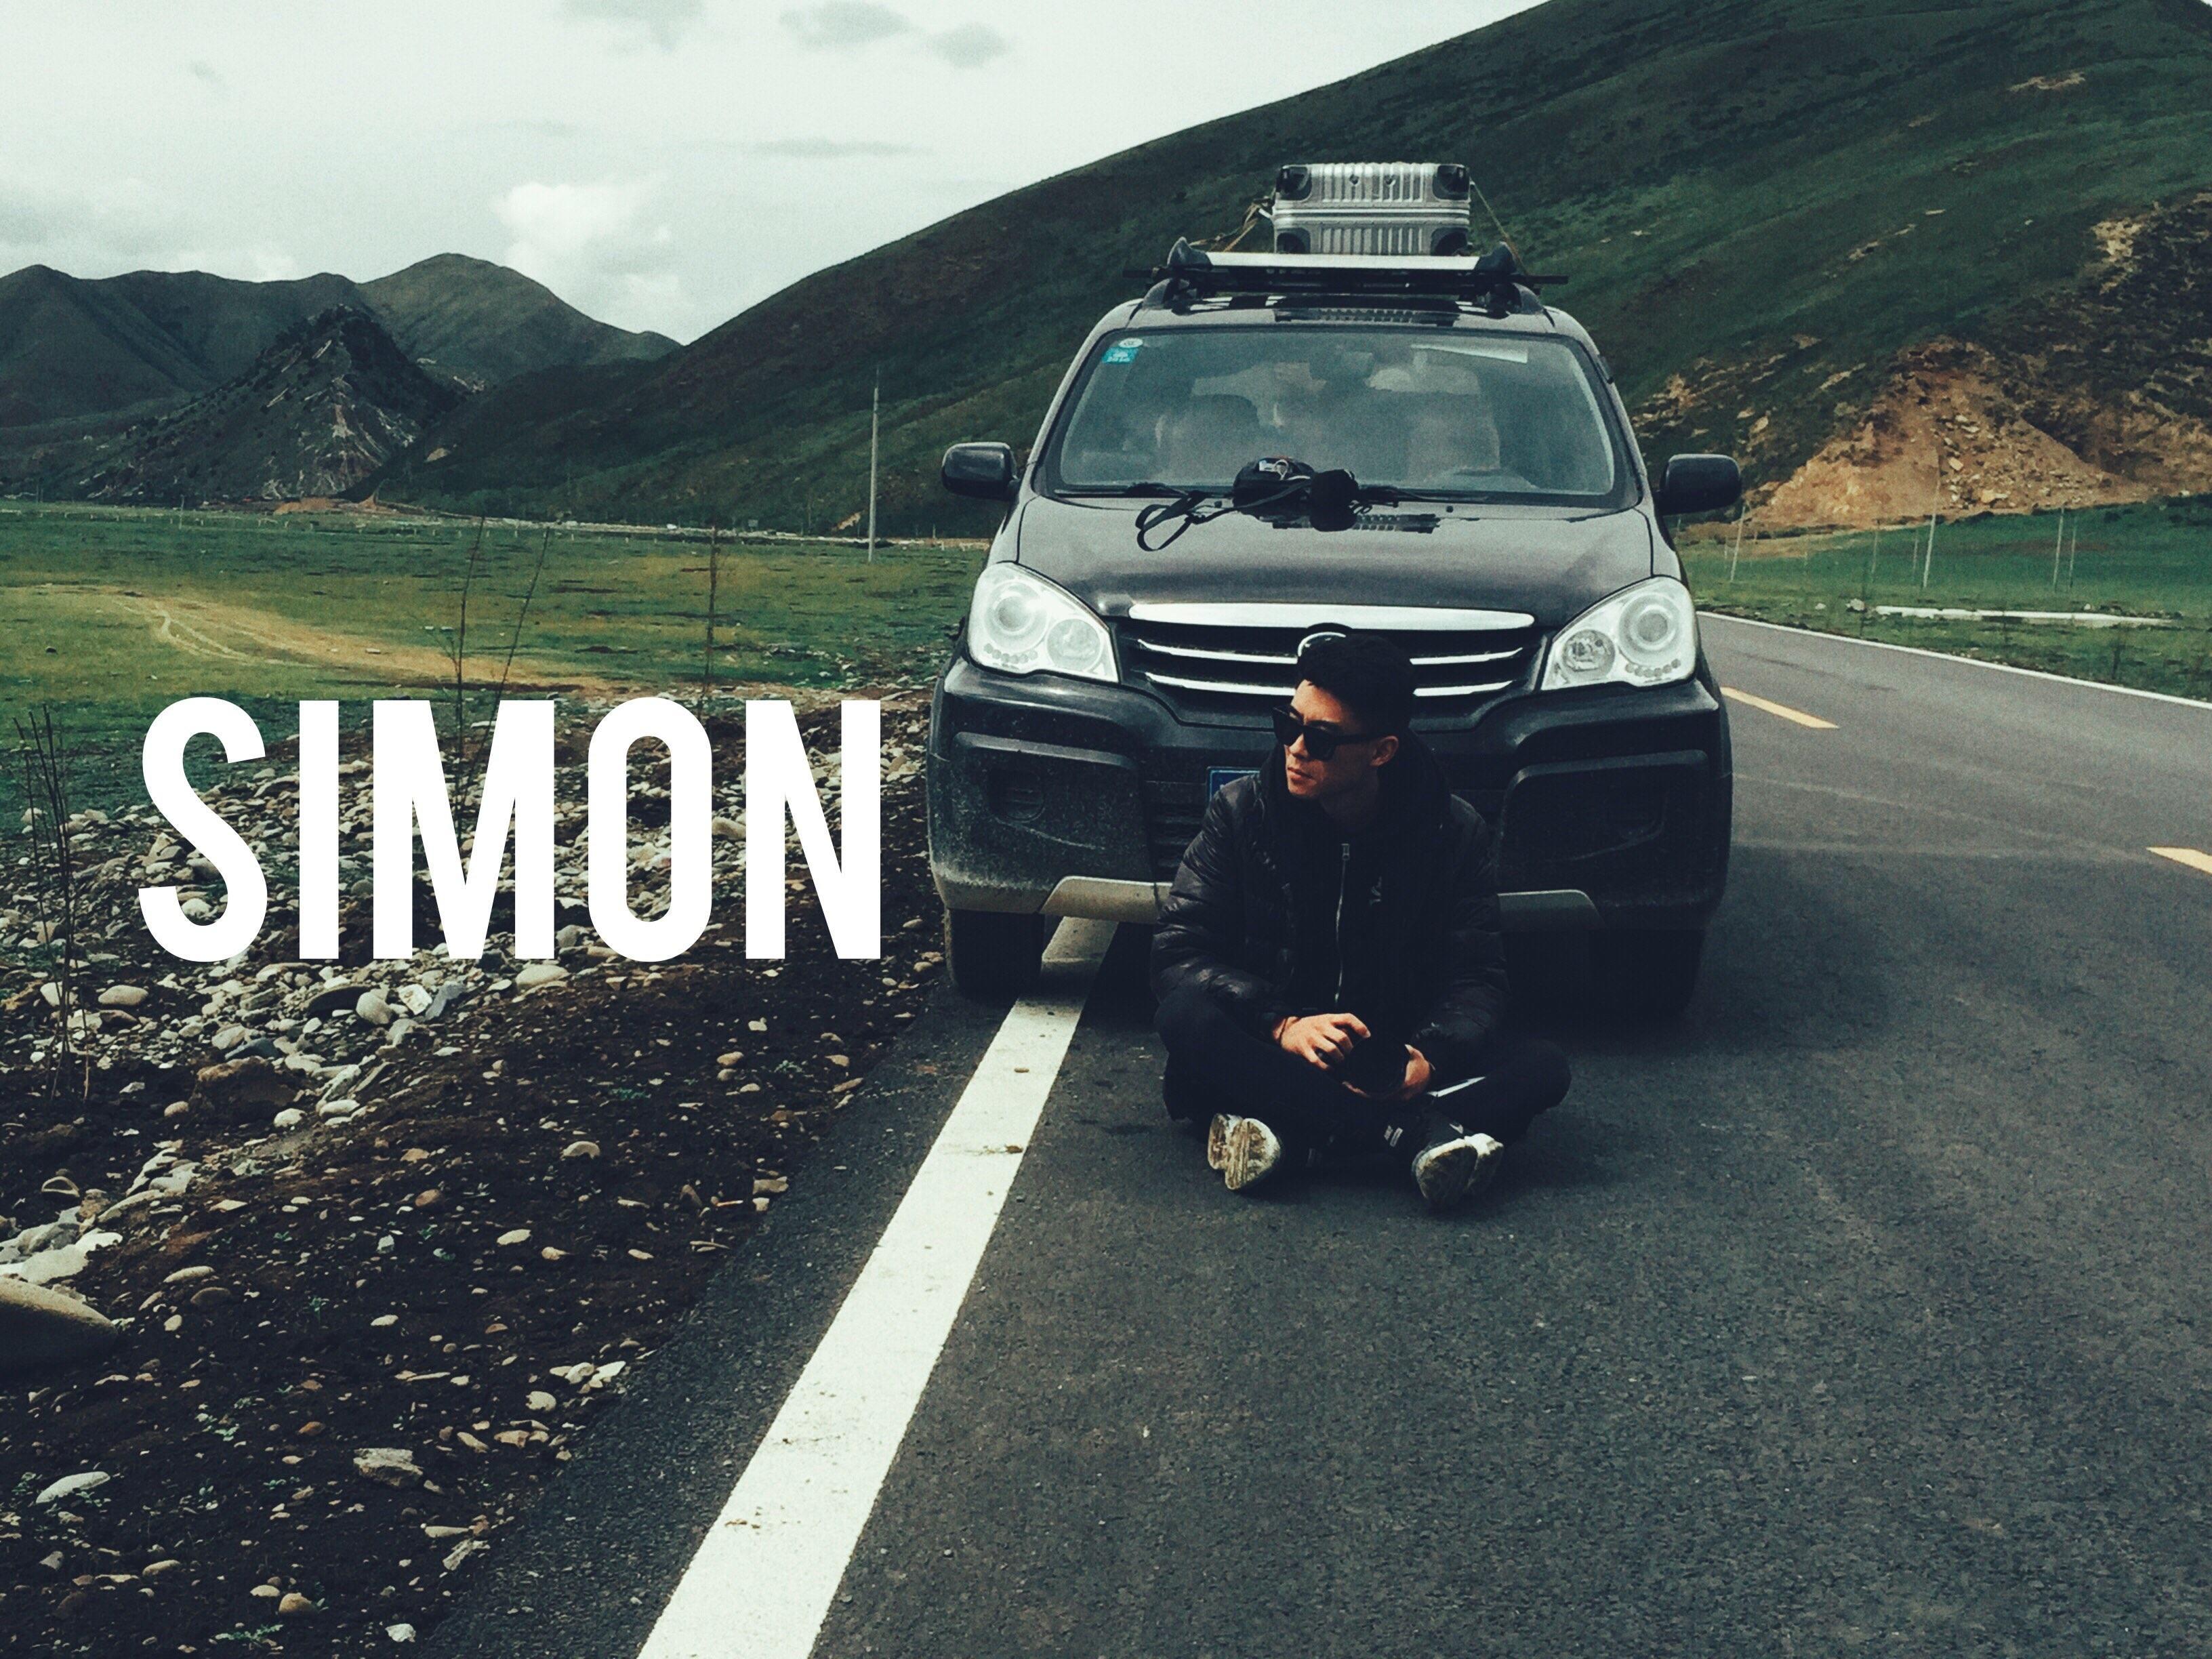 Slmon